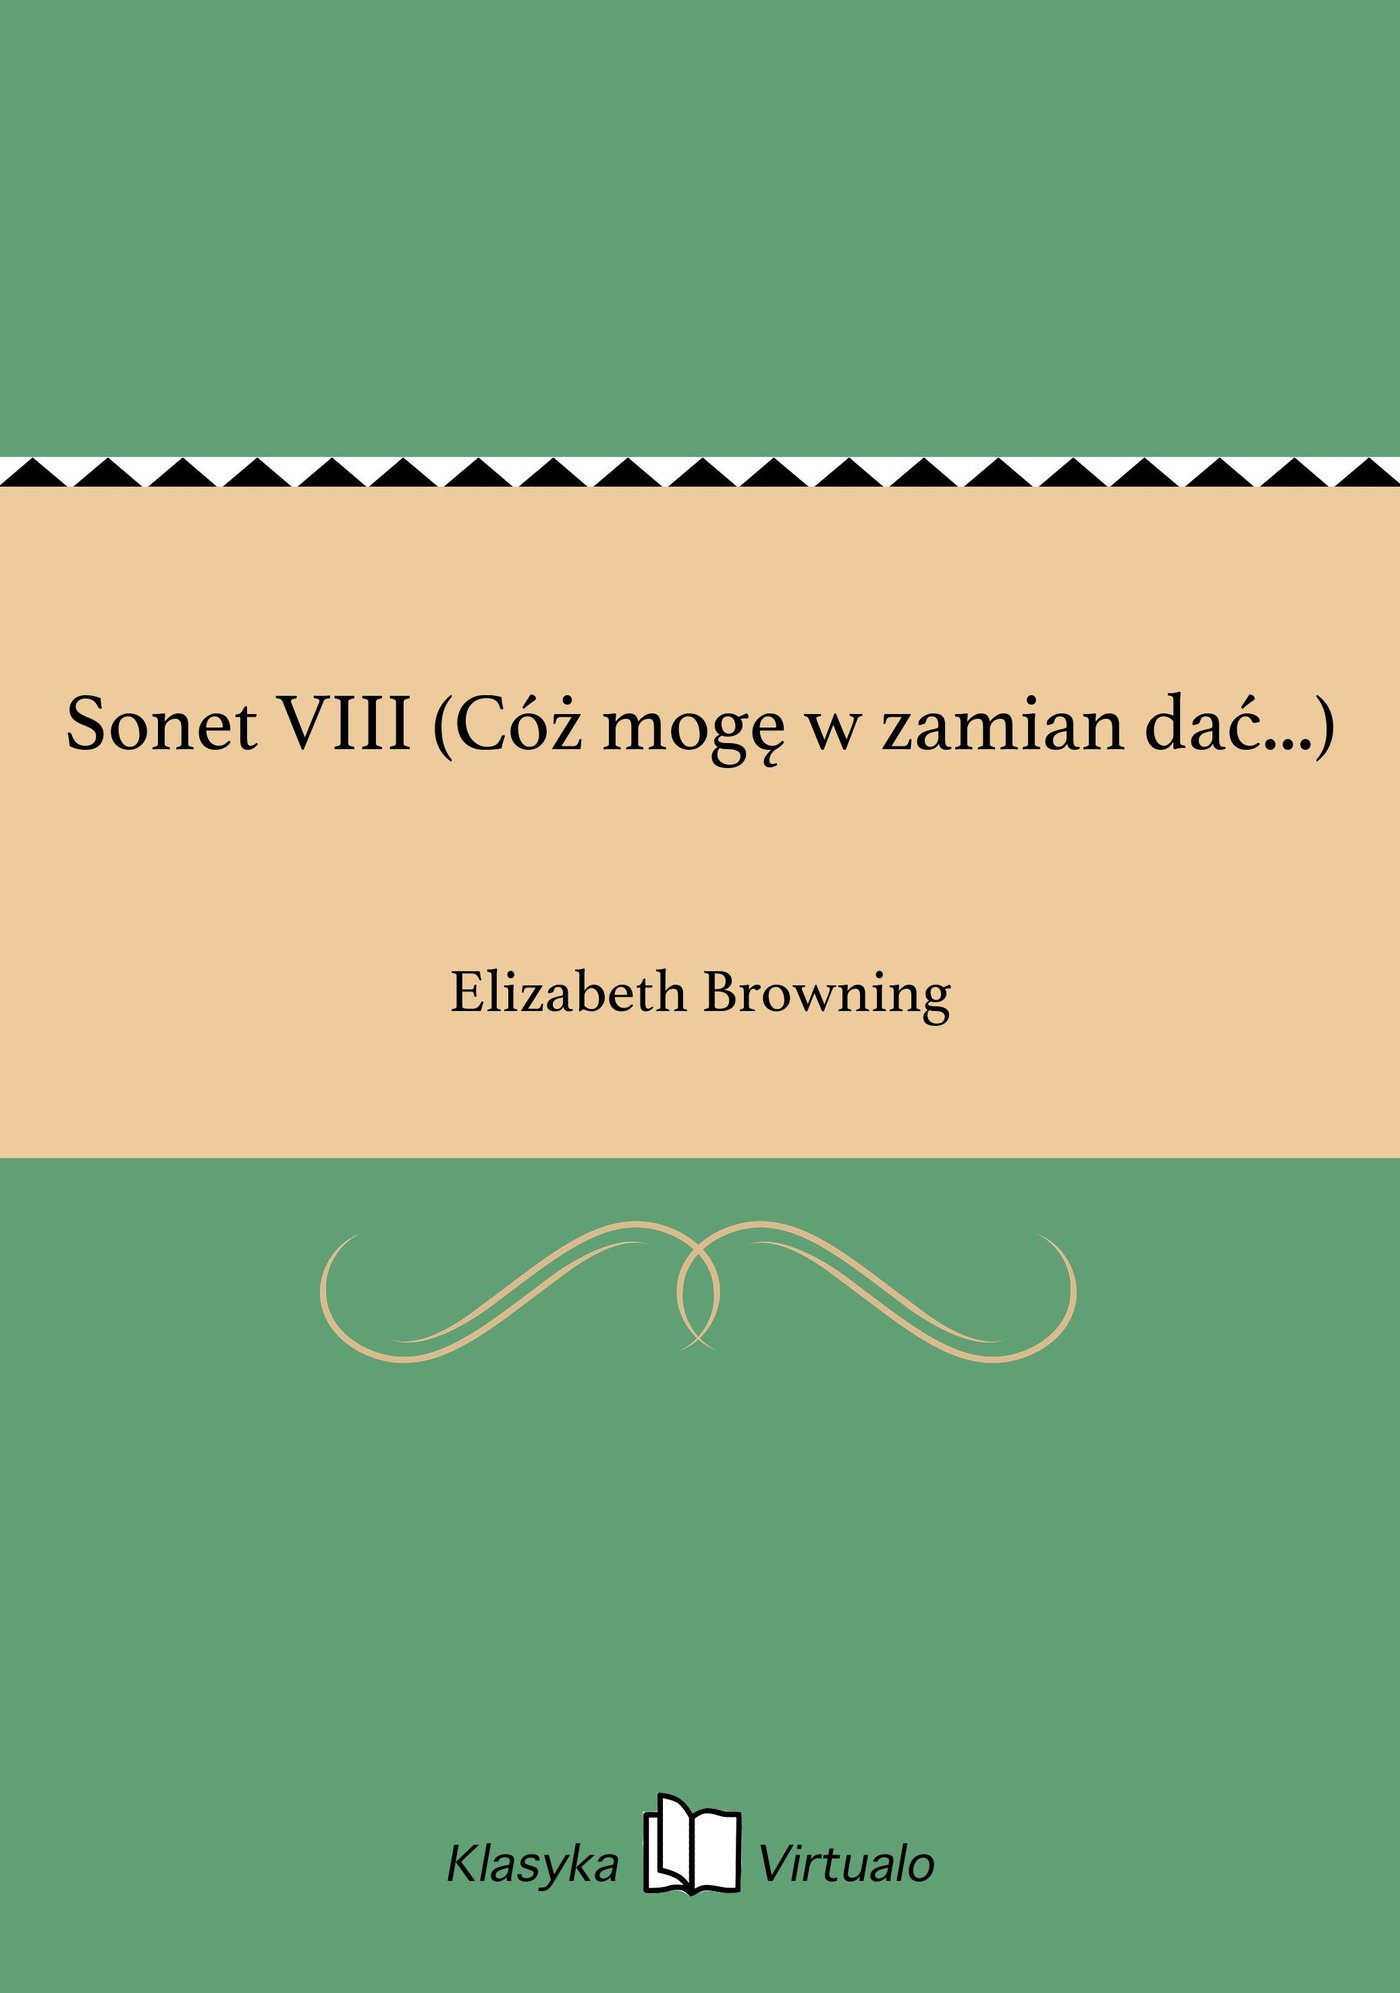 Sonet VIII (Cóż mogę w zamian dać...) - Ebook (Książka EPUB) do pobrania w formacie EPUB